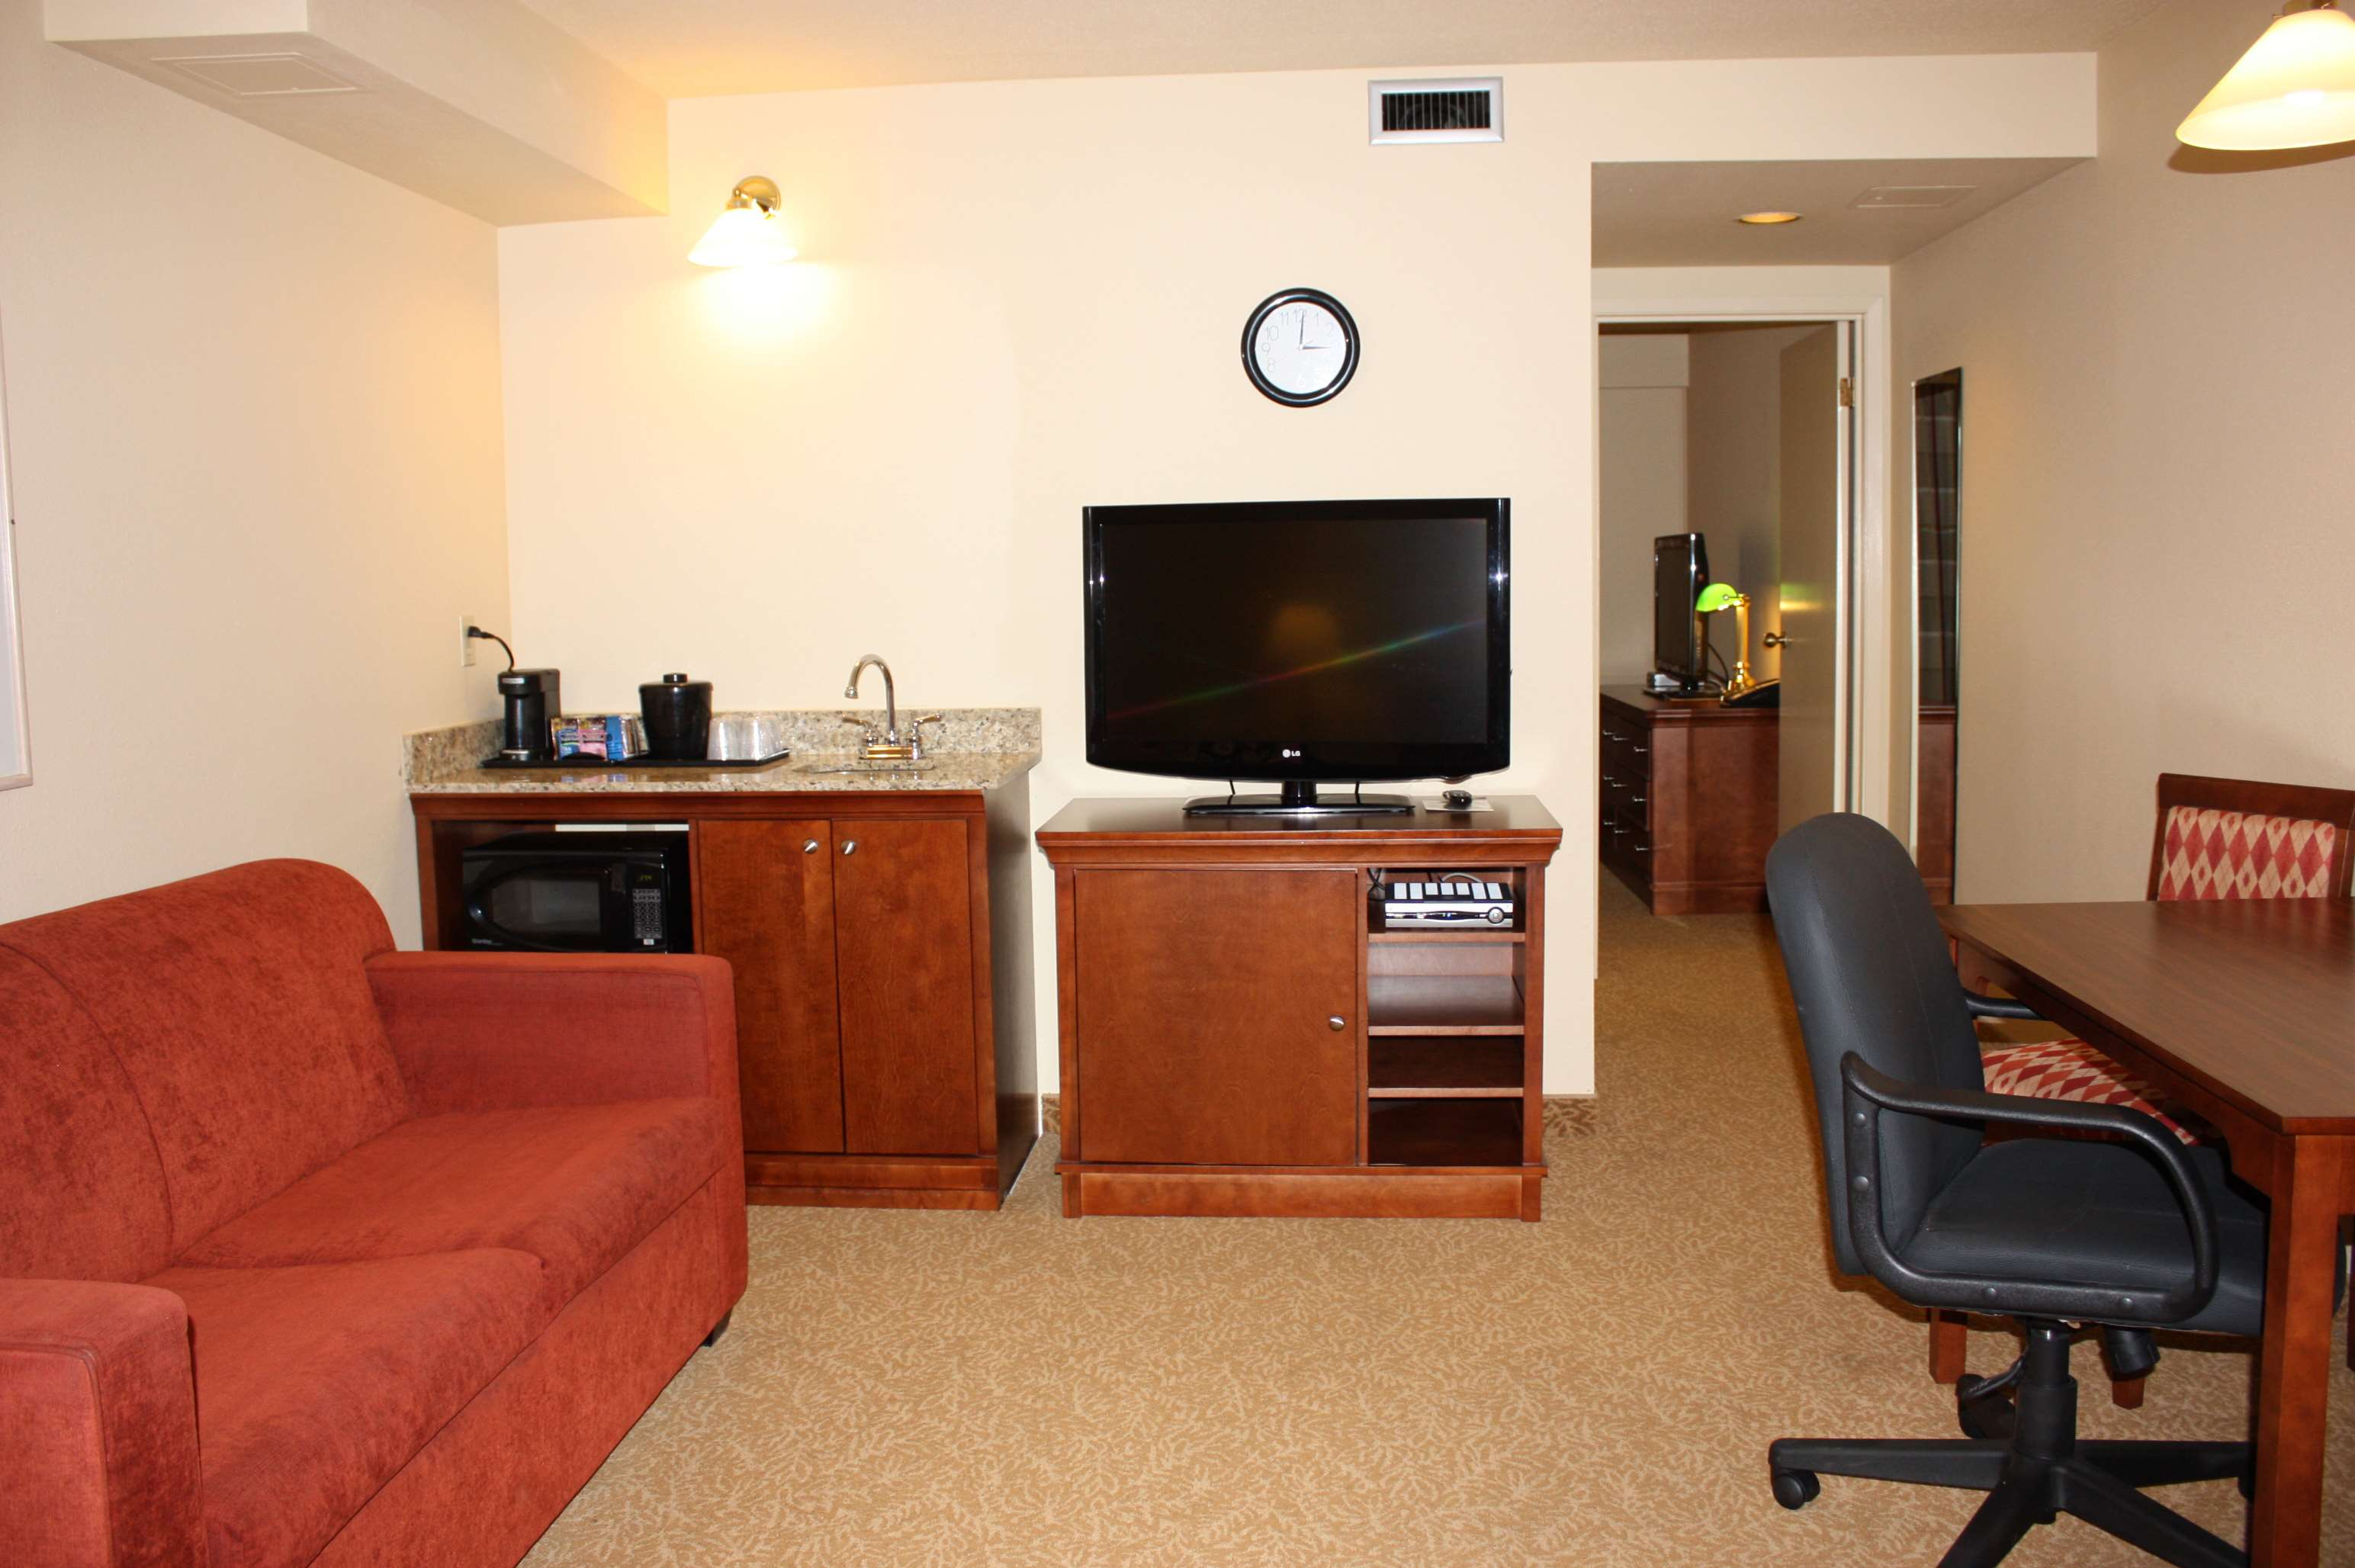 Country Inn & Suites by Radisson, Regina, SK in Regina: 1 Bedroom Suite-King Bed